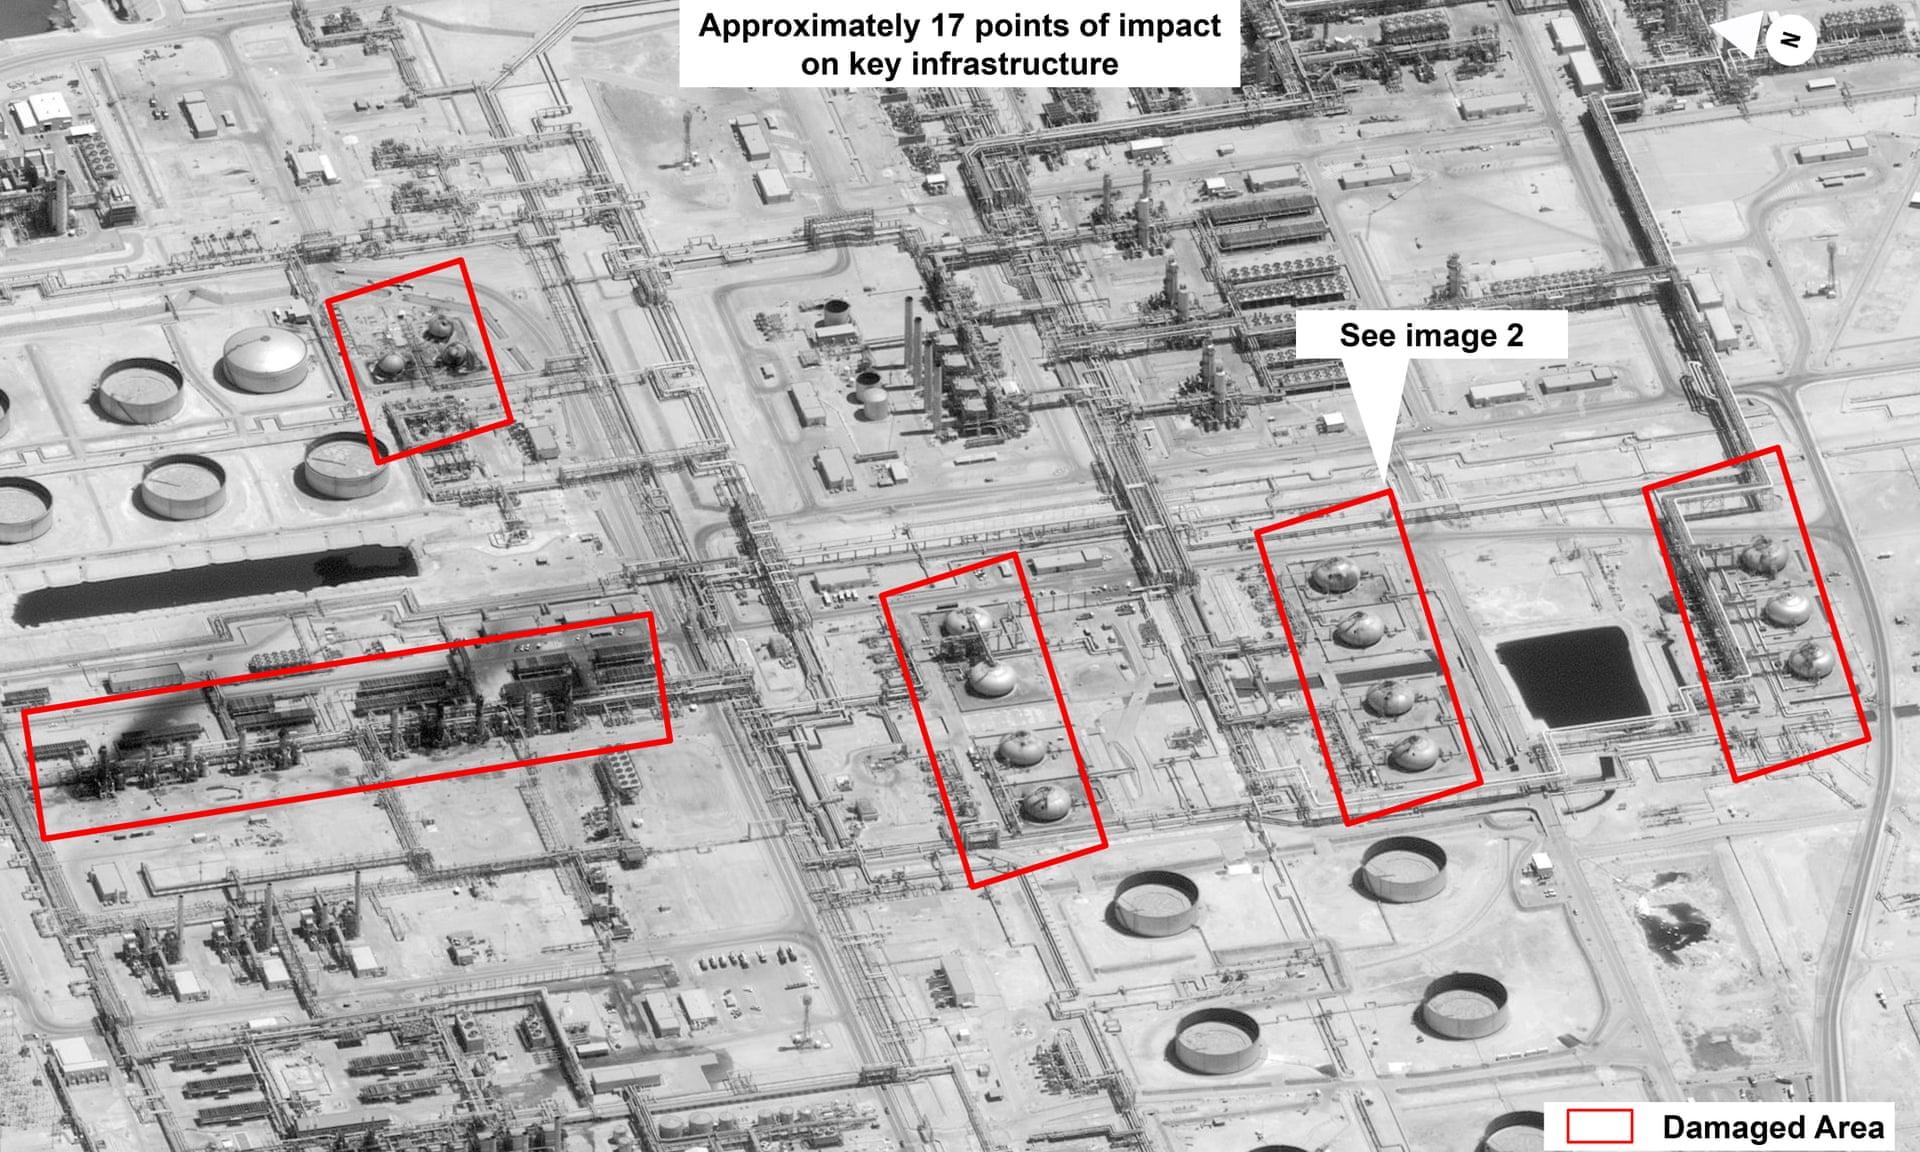 沙特遭袭疑点重重:发现疑似巡航导弹 油罐被贯穿